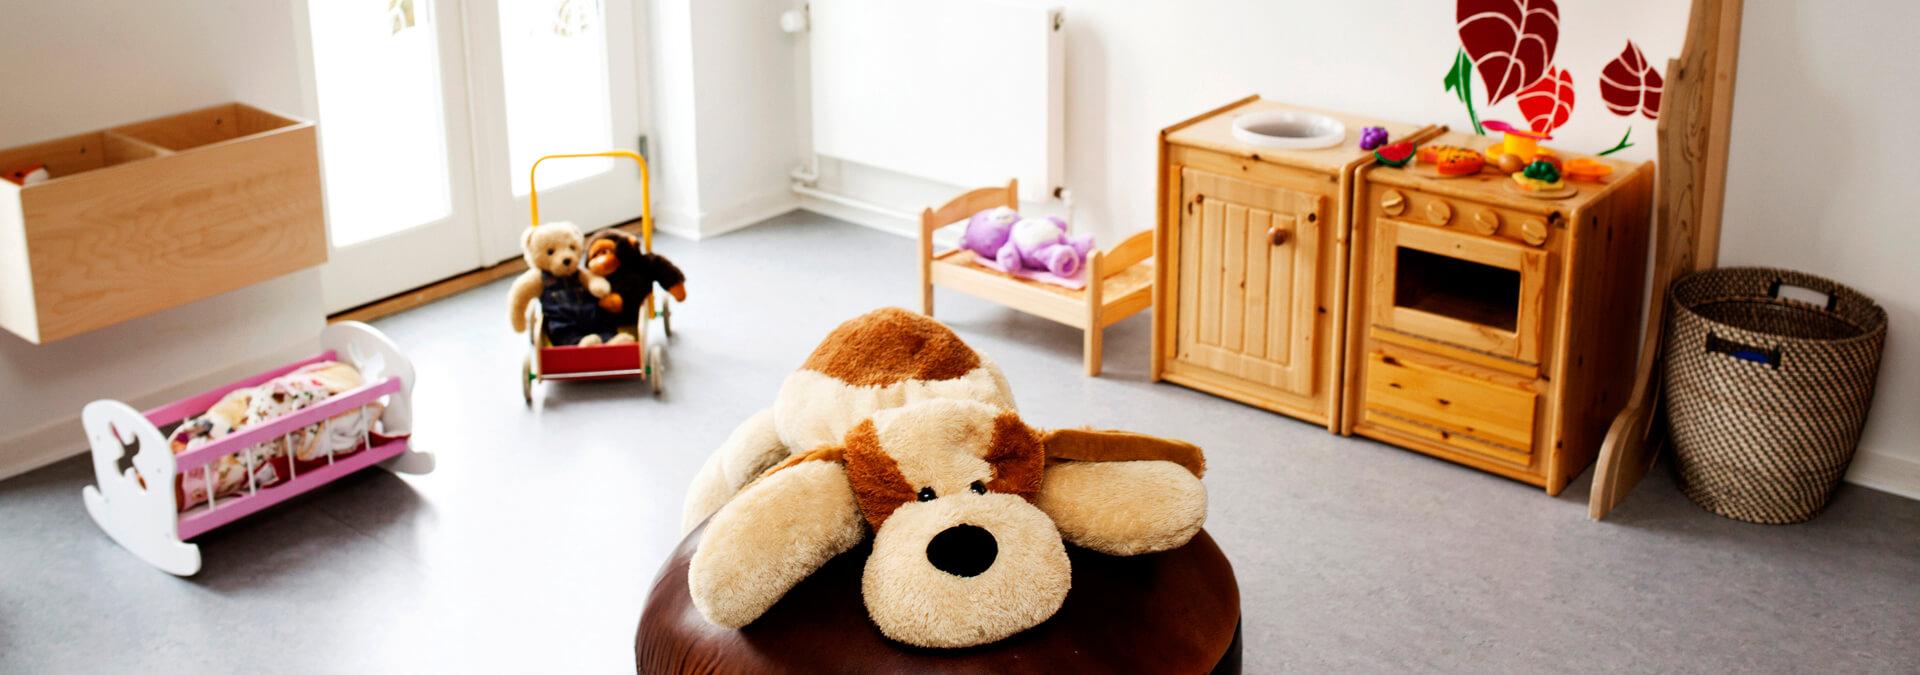 Legestue på krisecenter med bamser, dukker og legekomfur